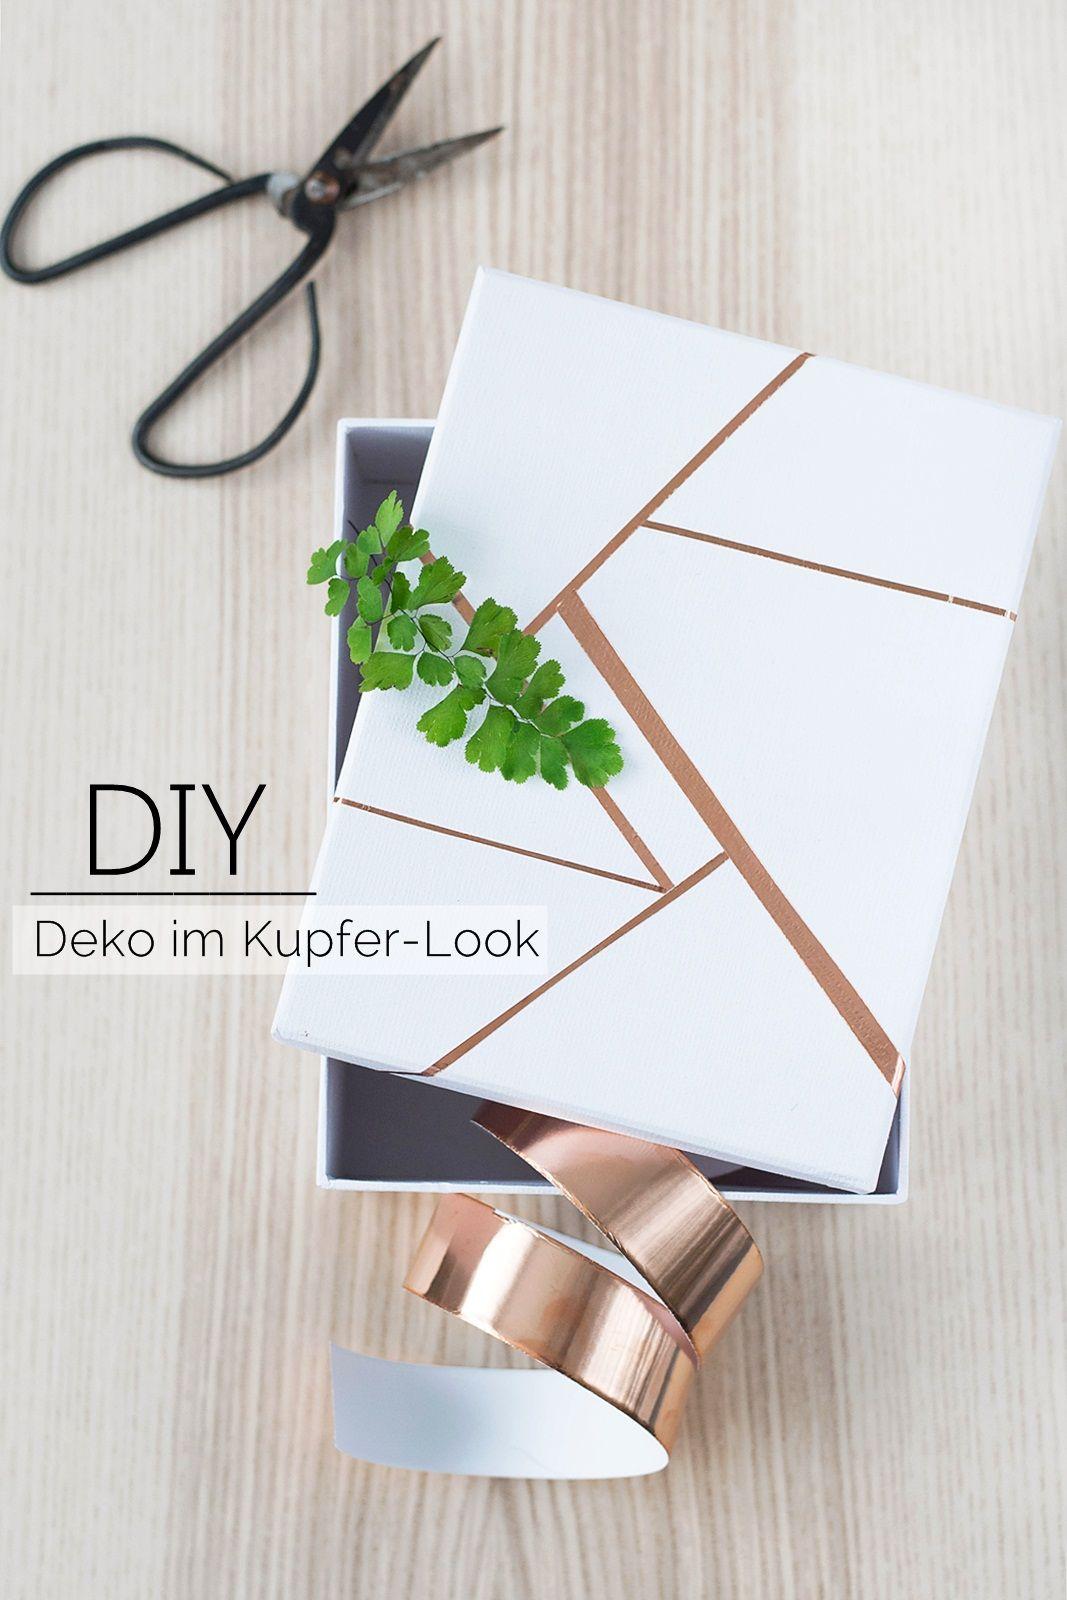 die schönsten diy projekte mit kupfer | diy | pinterest | diy deko